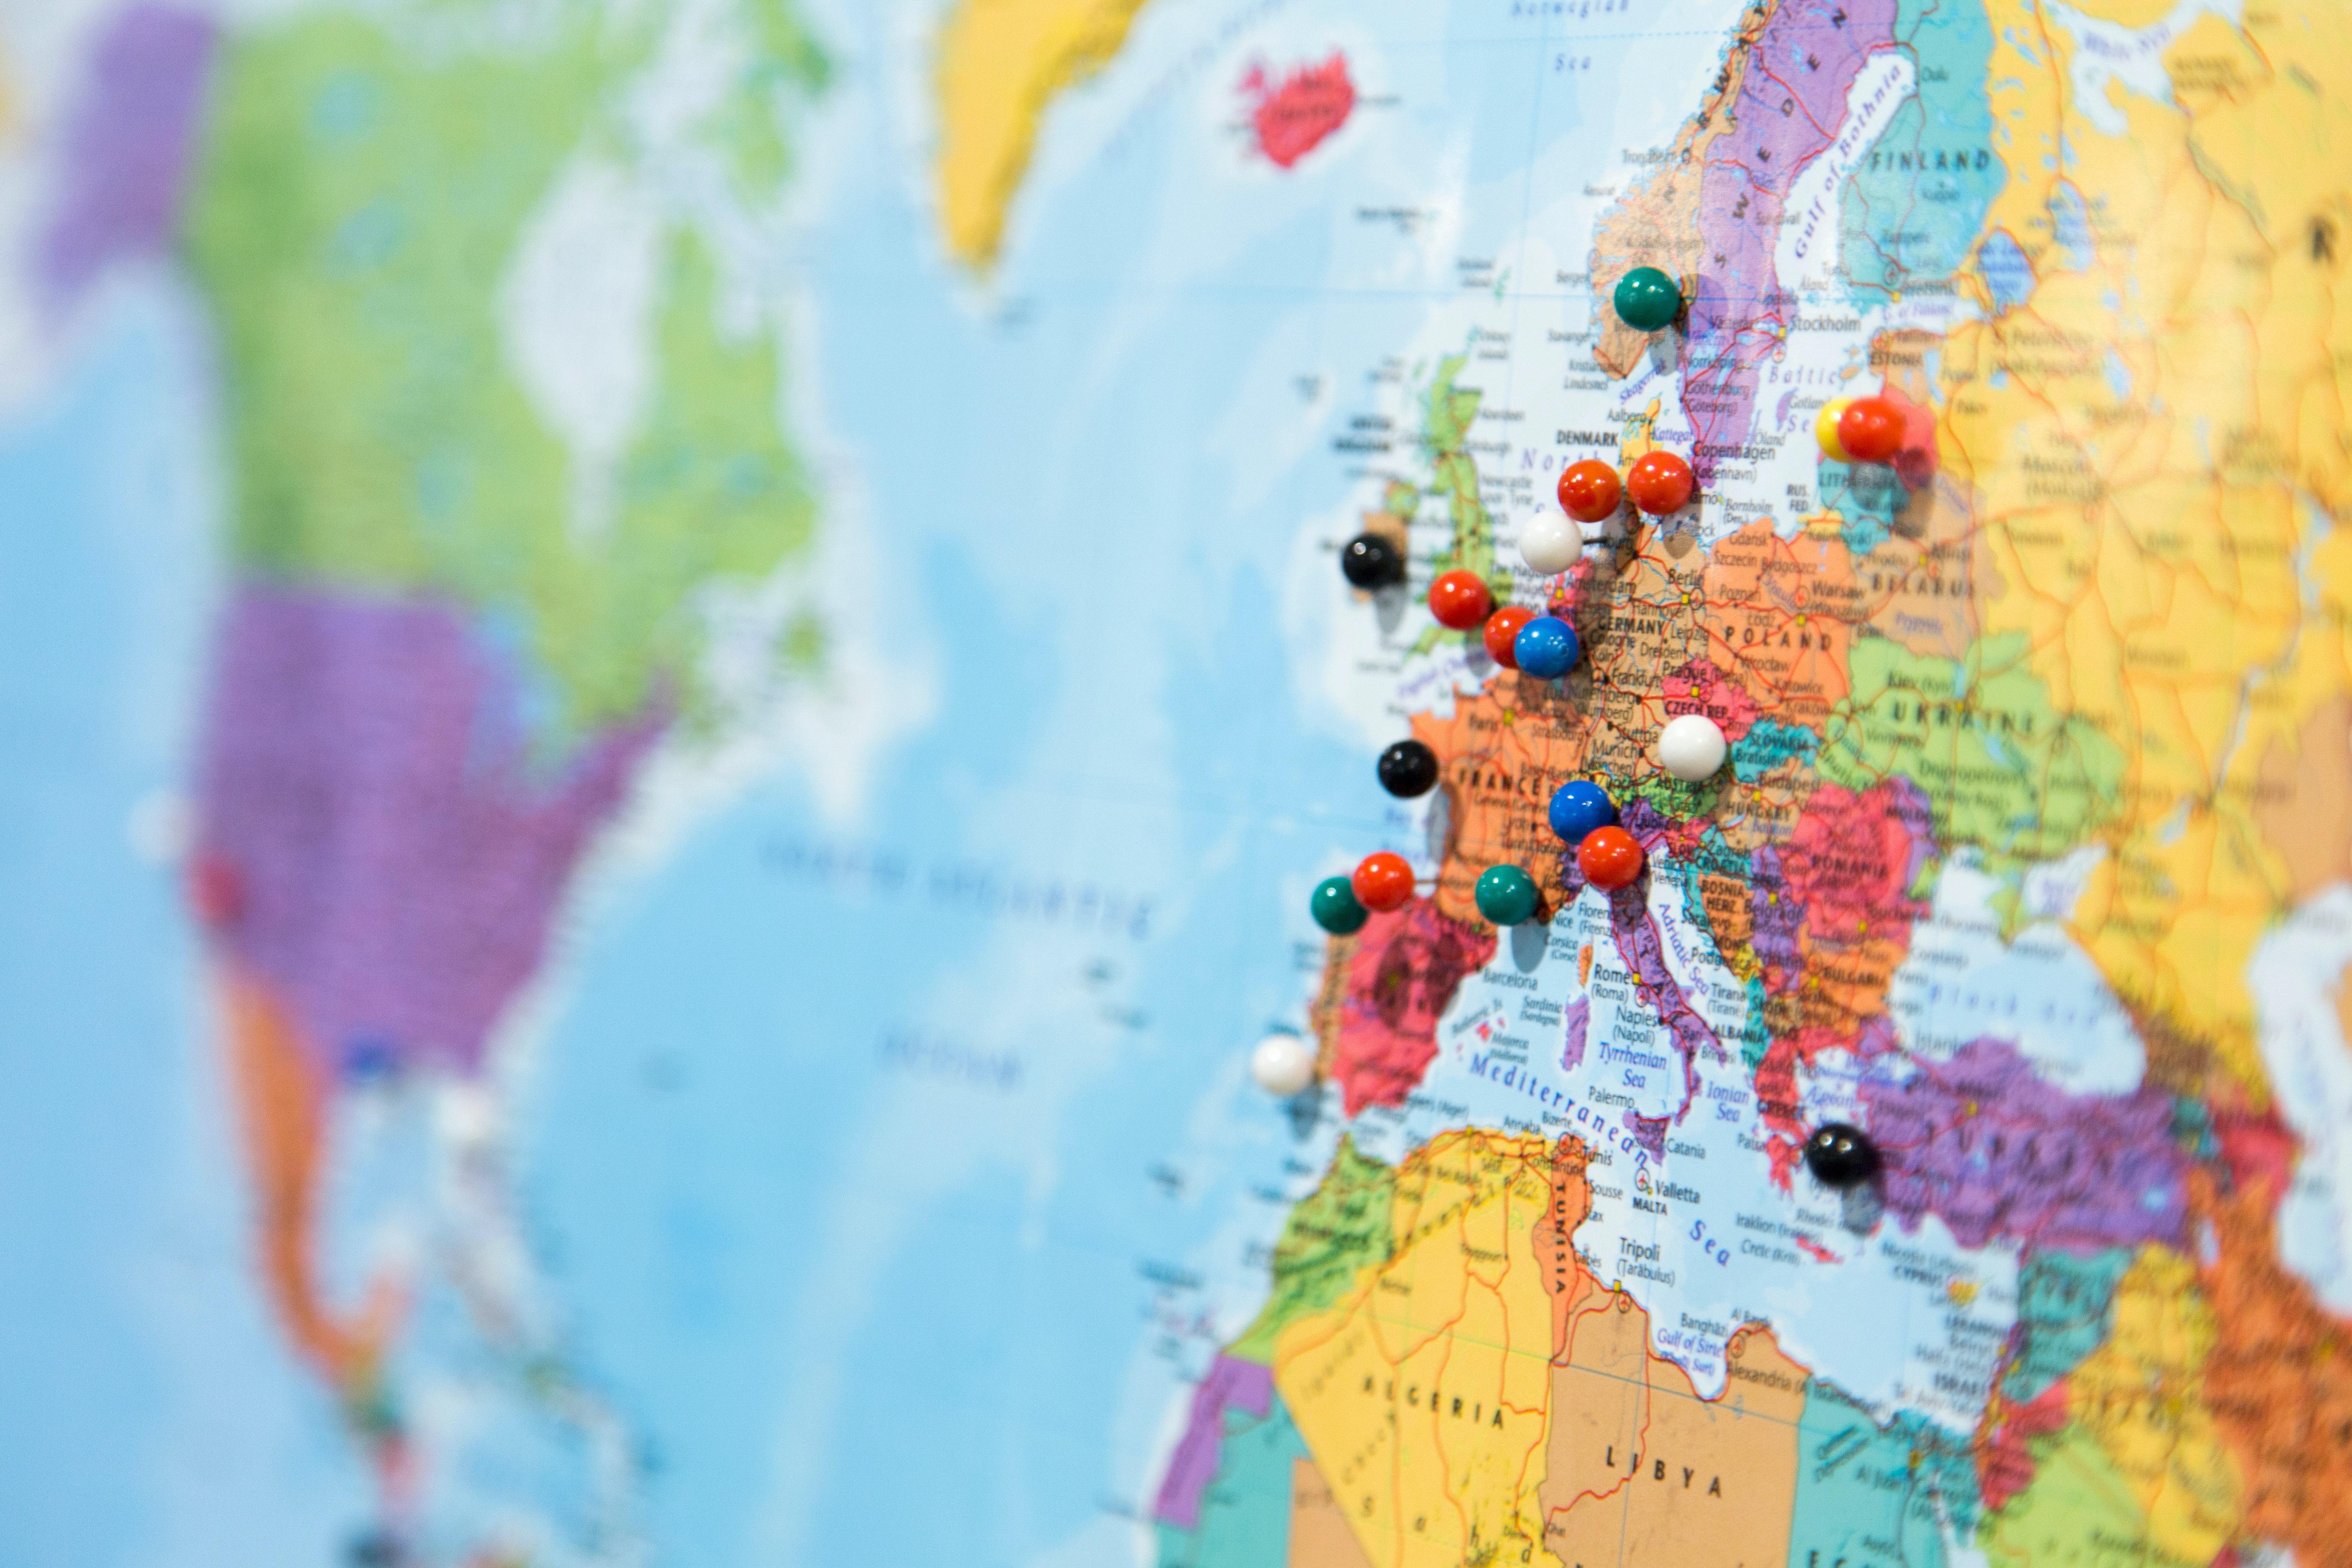 Weltkarte anerkennung internationaler hochschulabschluesse.cfad7cb518a22db631d98da5fec0aac83